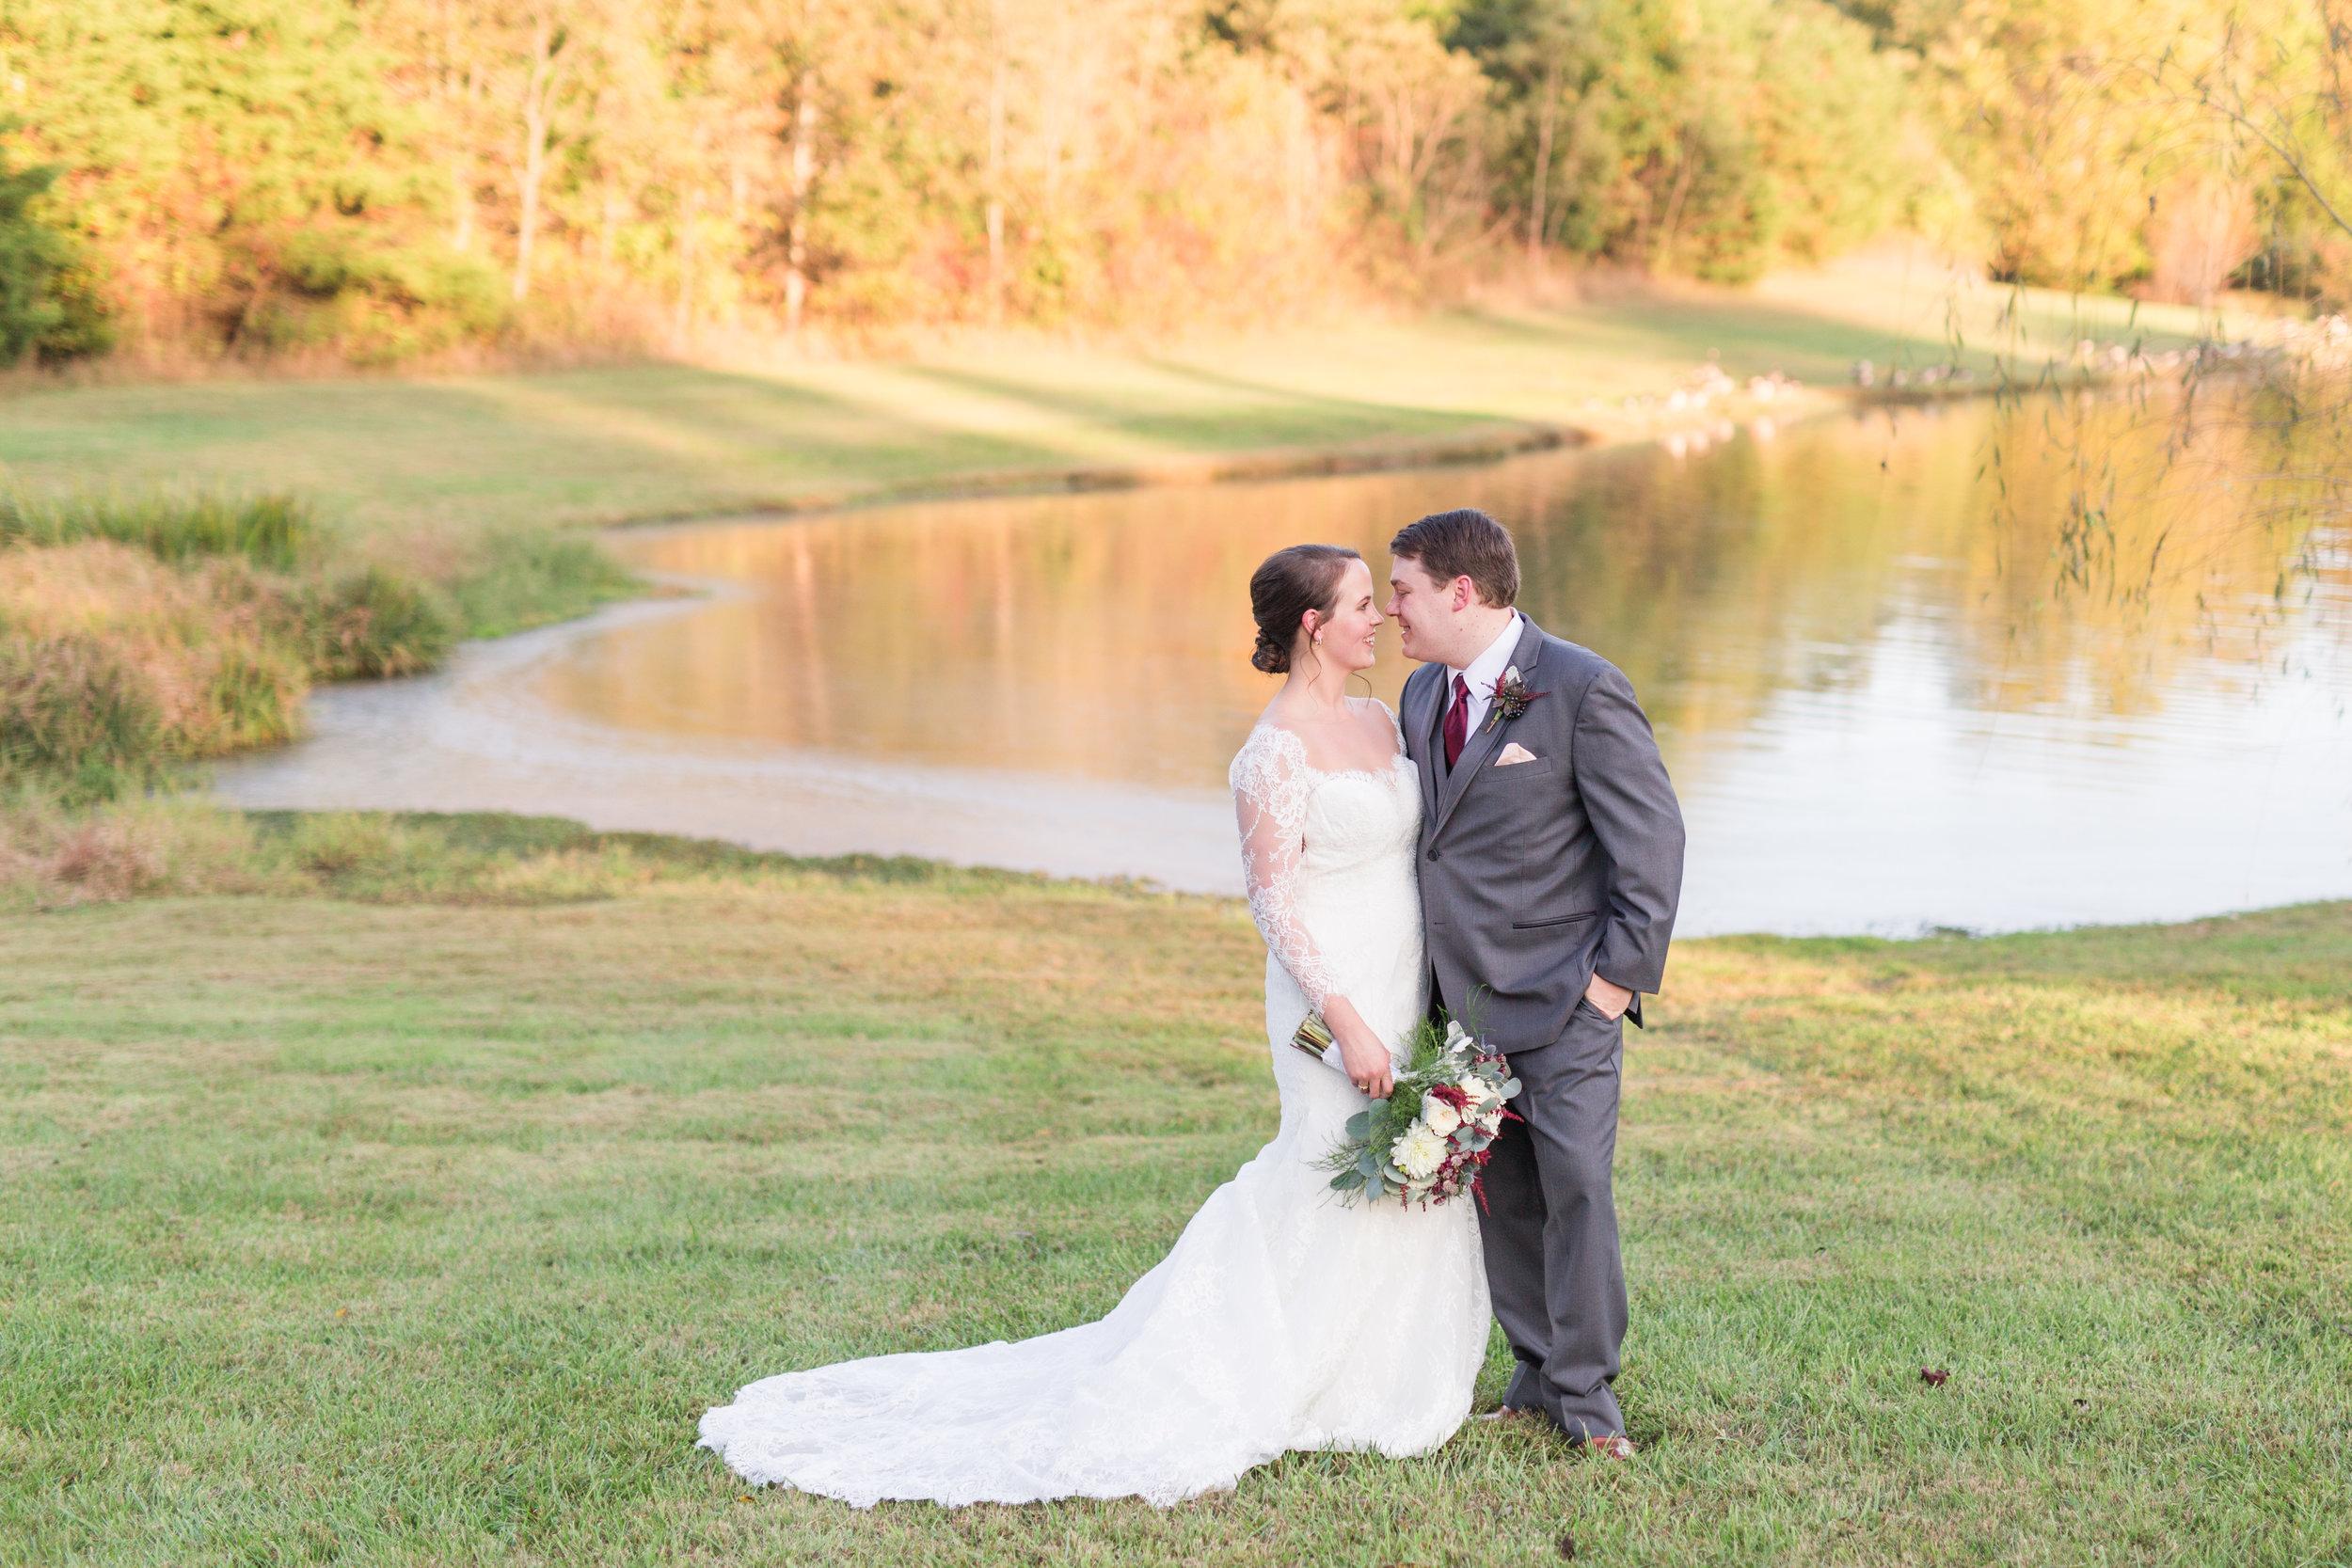 Write here…Lynchburg Virginia Wedding Photographer || Central Virginia Wedding Photos || Ashley Eiban Photography || www.ashleyeiban.com || Tresca on 8th Wedding